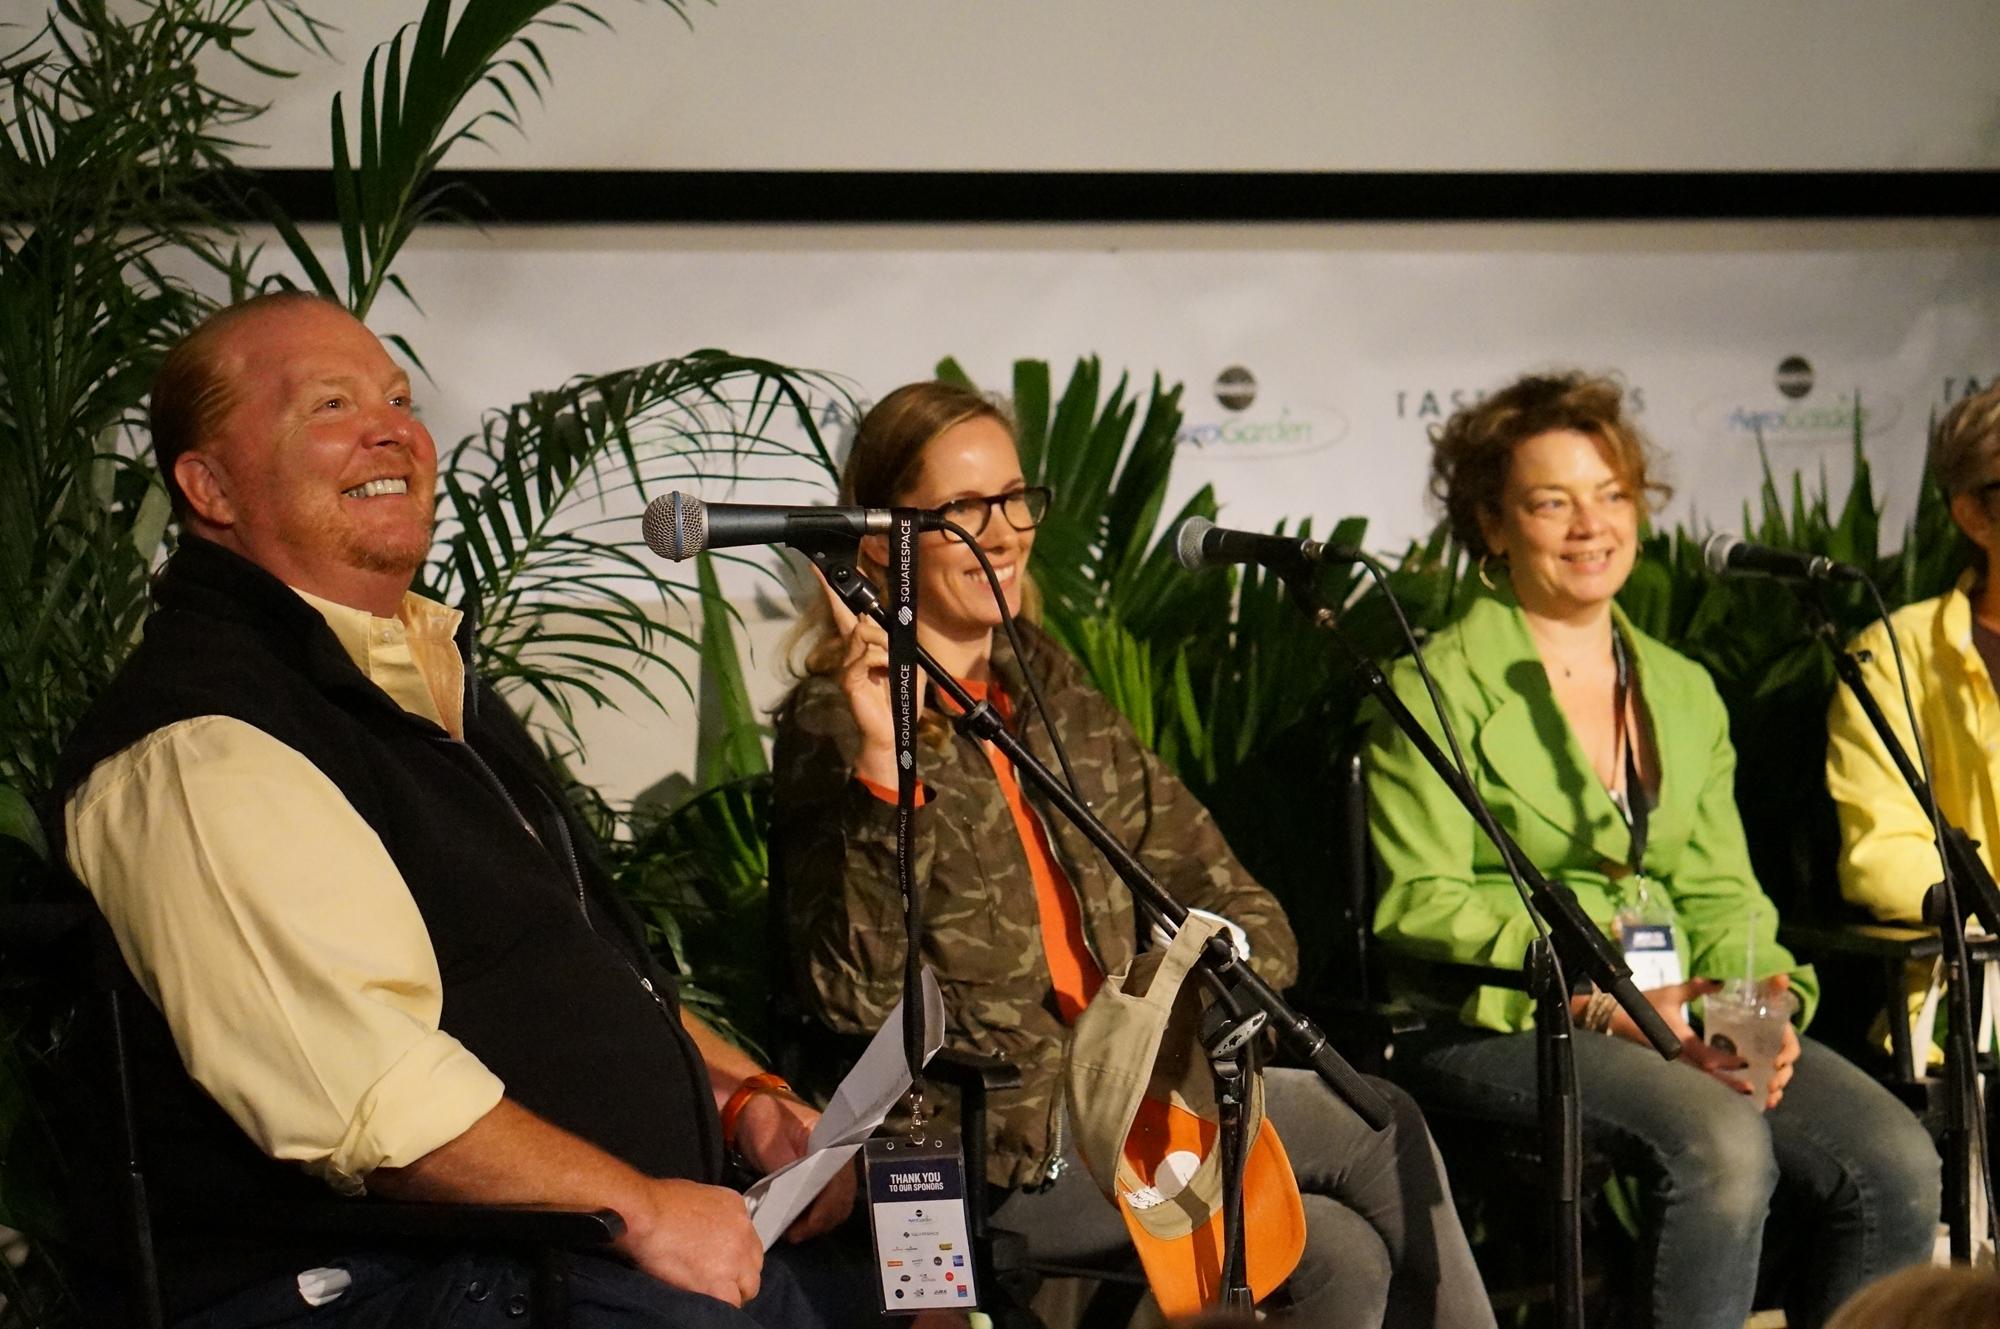 From left: Mario Batali, Christine Muhlke, Kate Krader